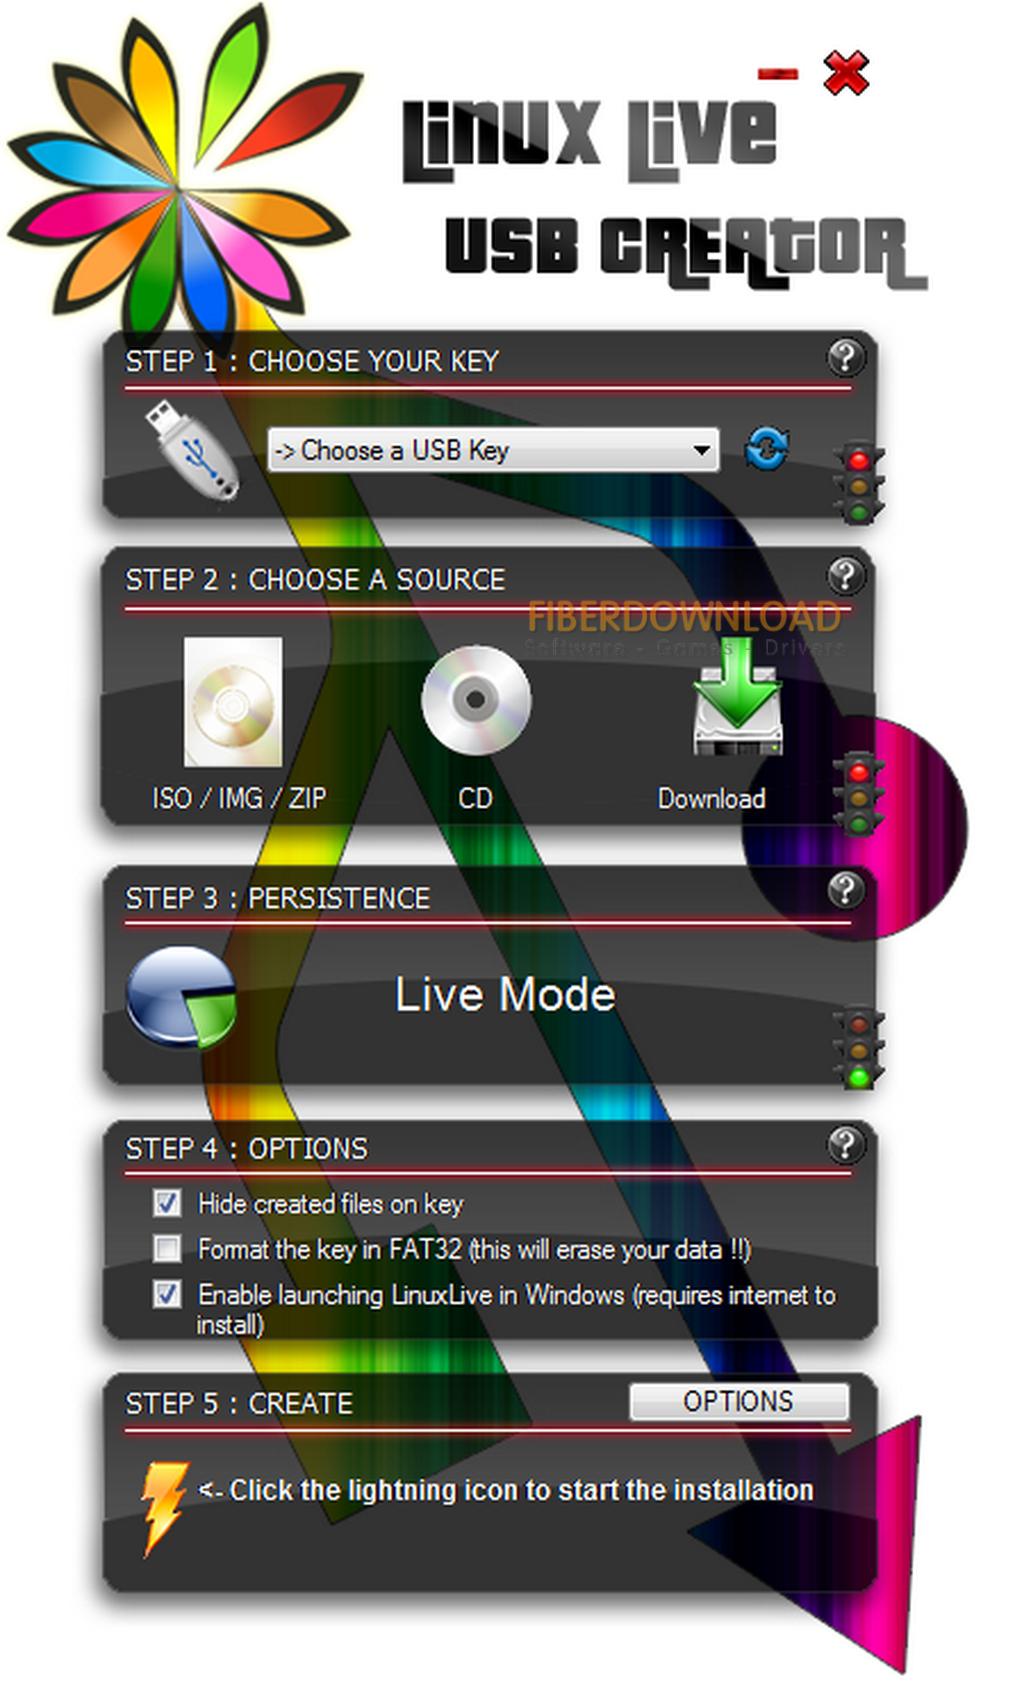 دانلود نرم افزار ساخت لینوکس در ویندوز LinuxLive USB Creator